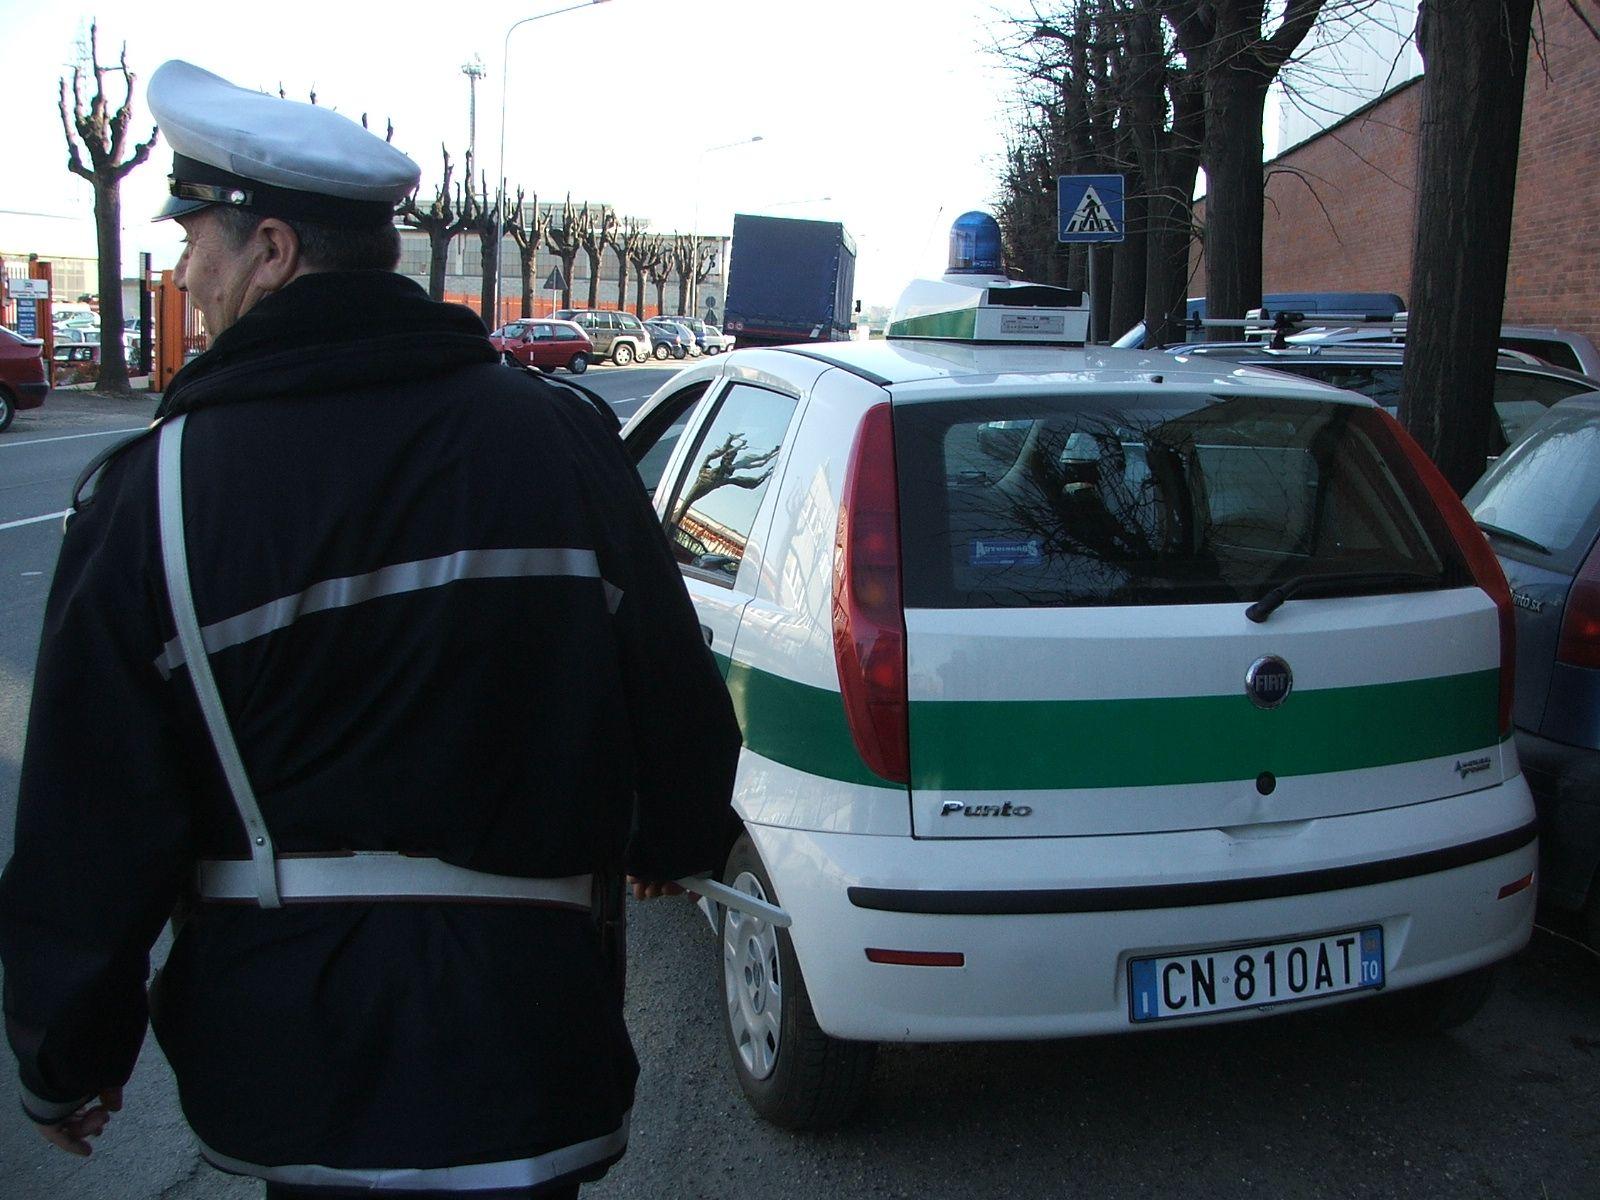 BORGARO - Vigilessa aggredita mentre tenta di elevare una multa